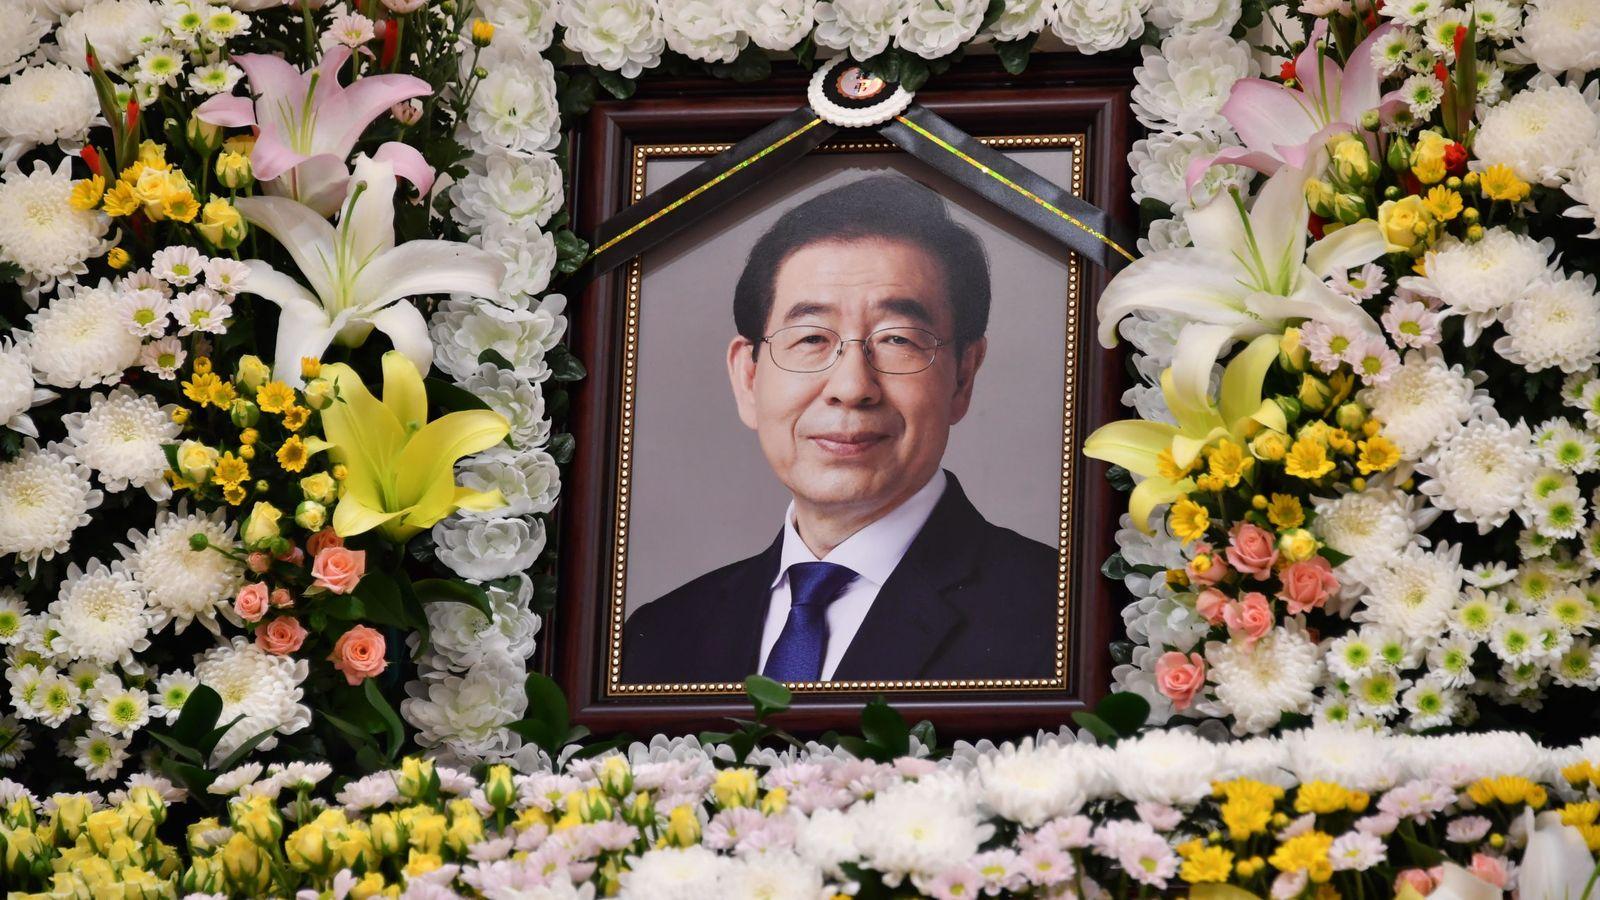 La nota de despedida que dejó el alcalde de Seúl antes de morir: «Discúlpenme todos»